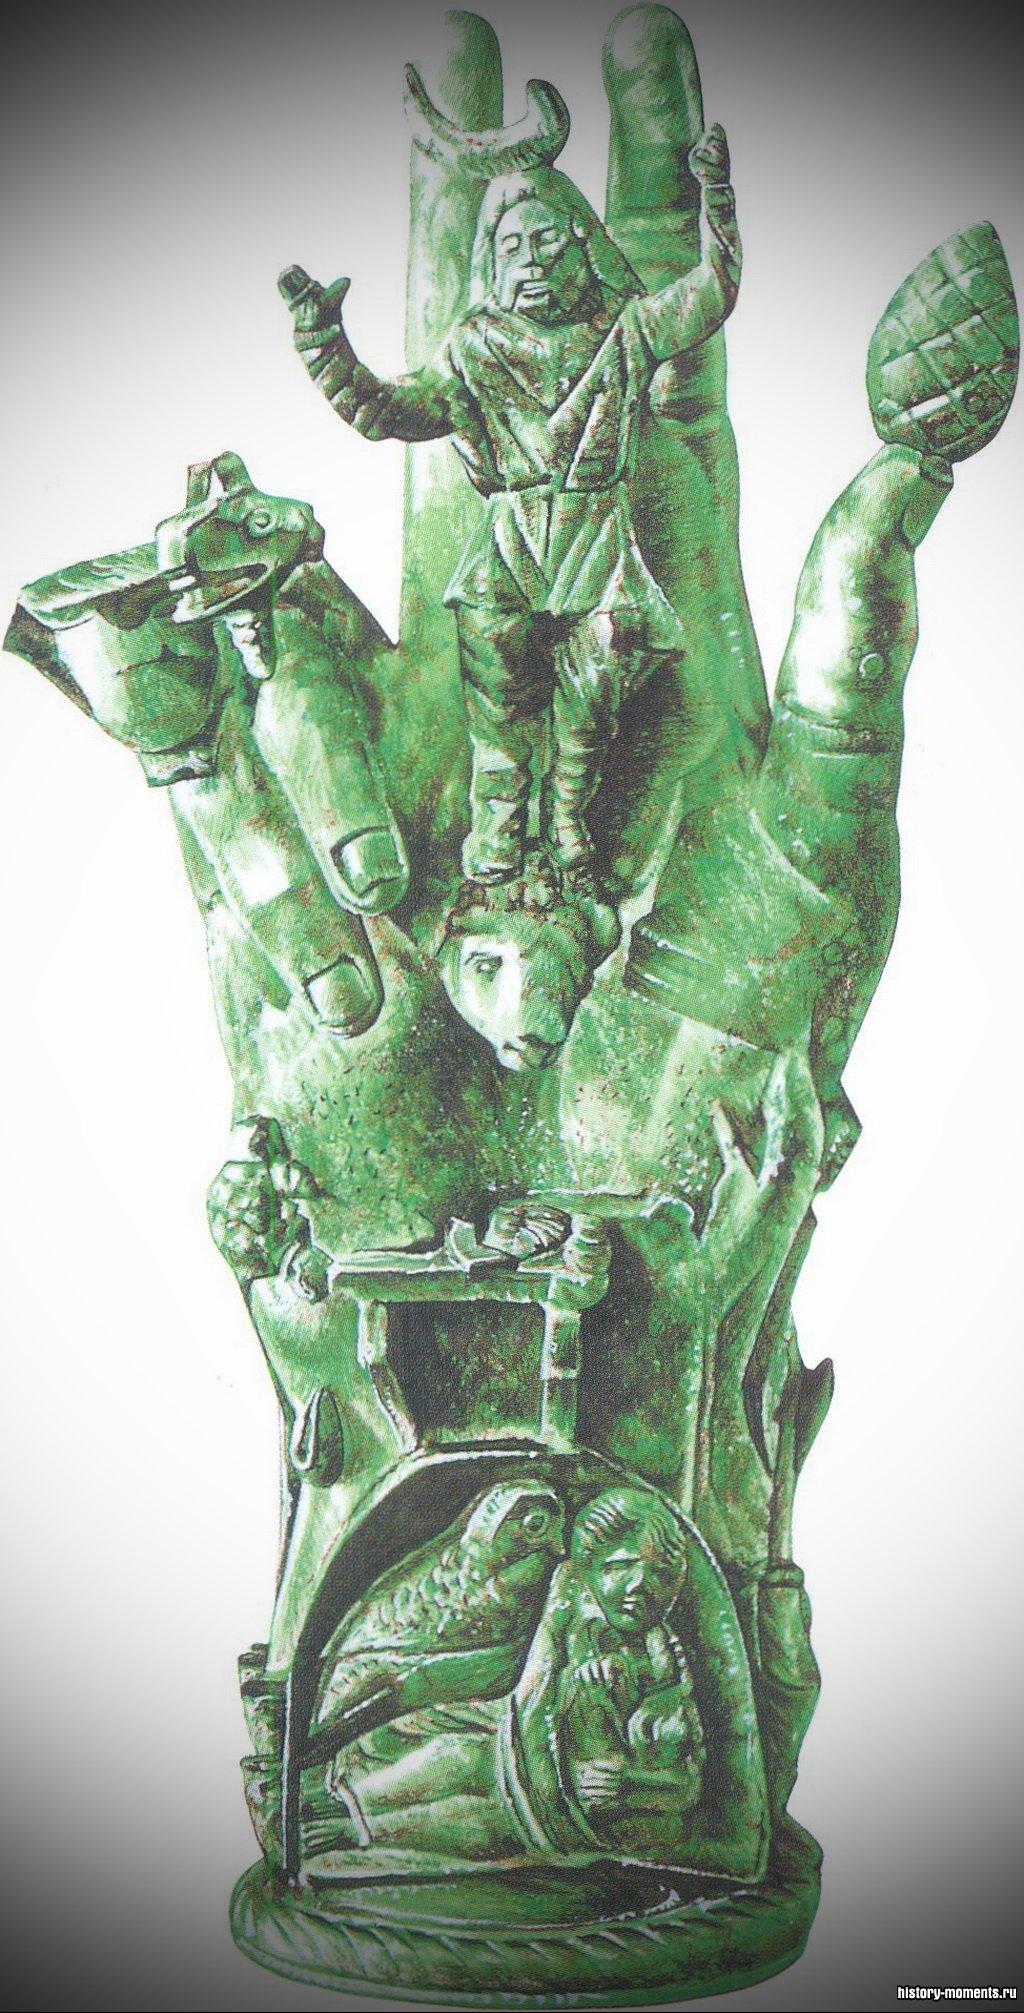 Бронзовая скульптура руки с символическими фигурами, призванными отгонять злых духов.